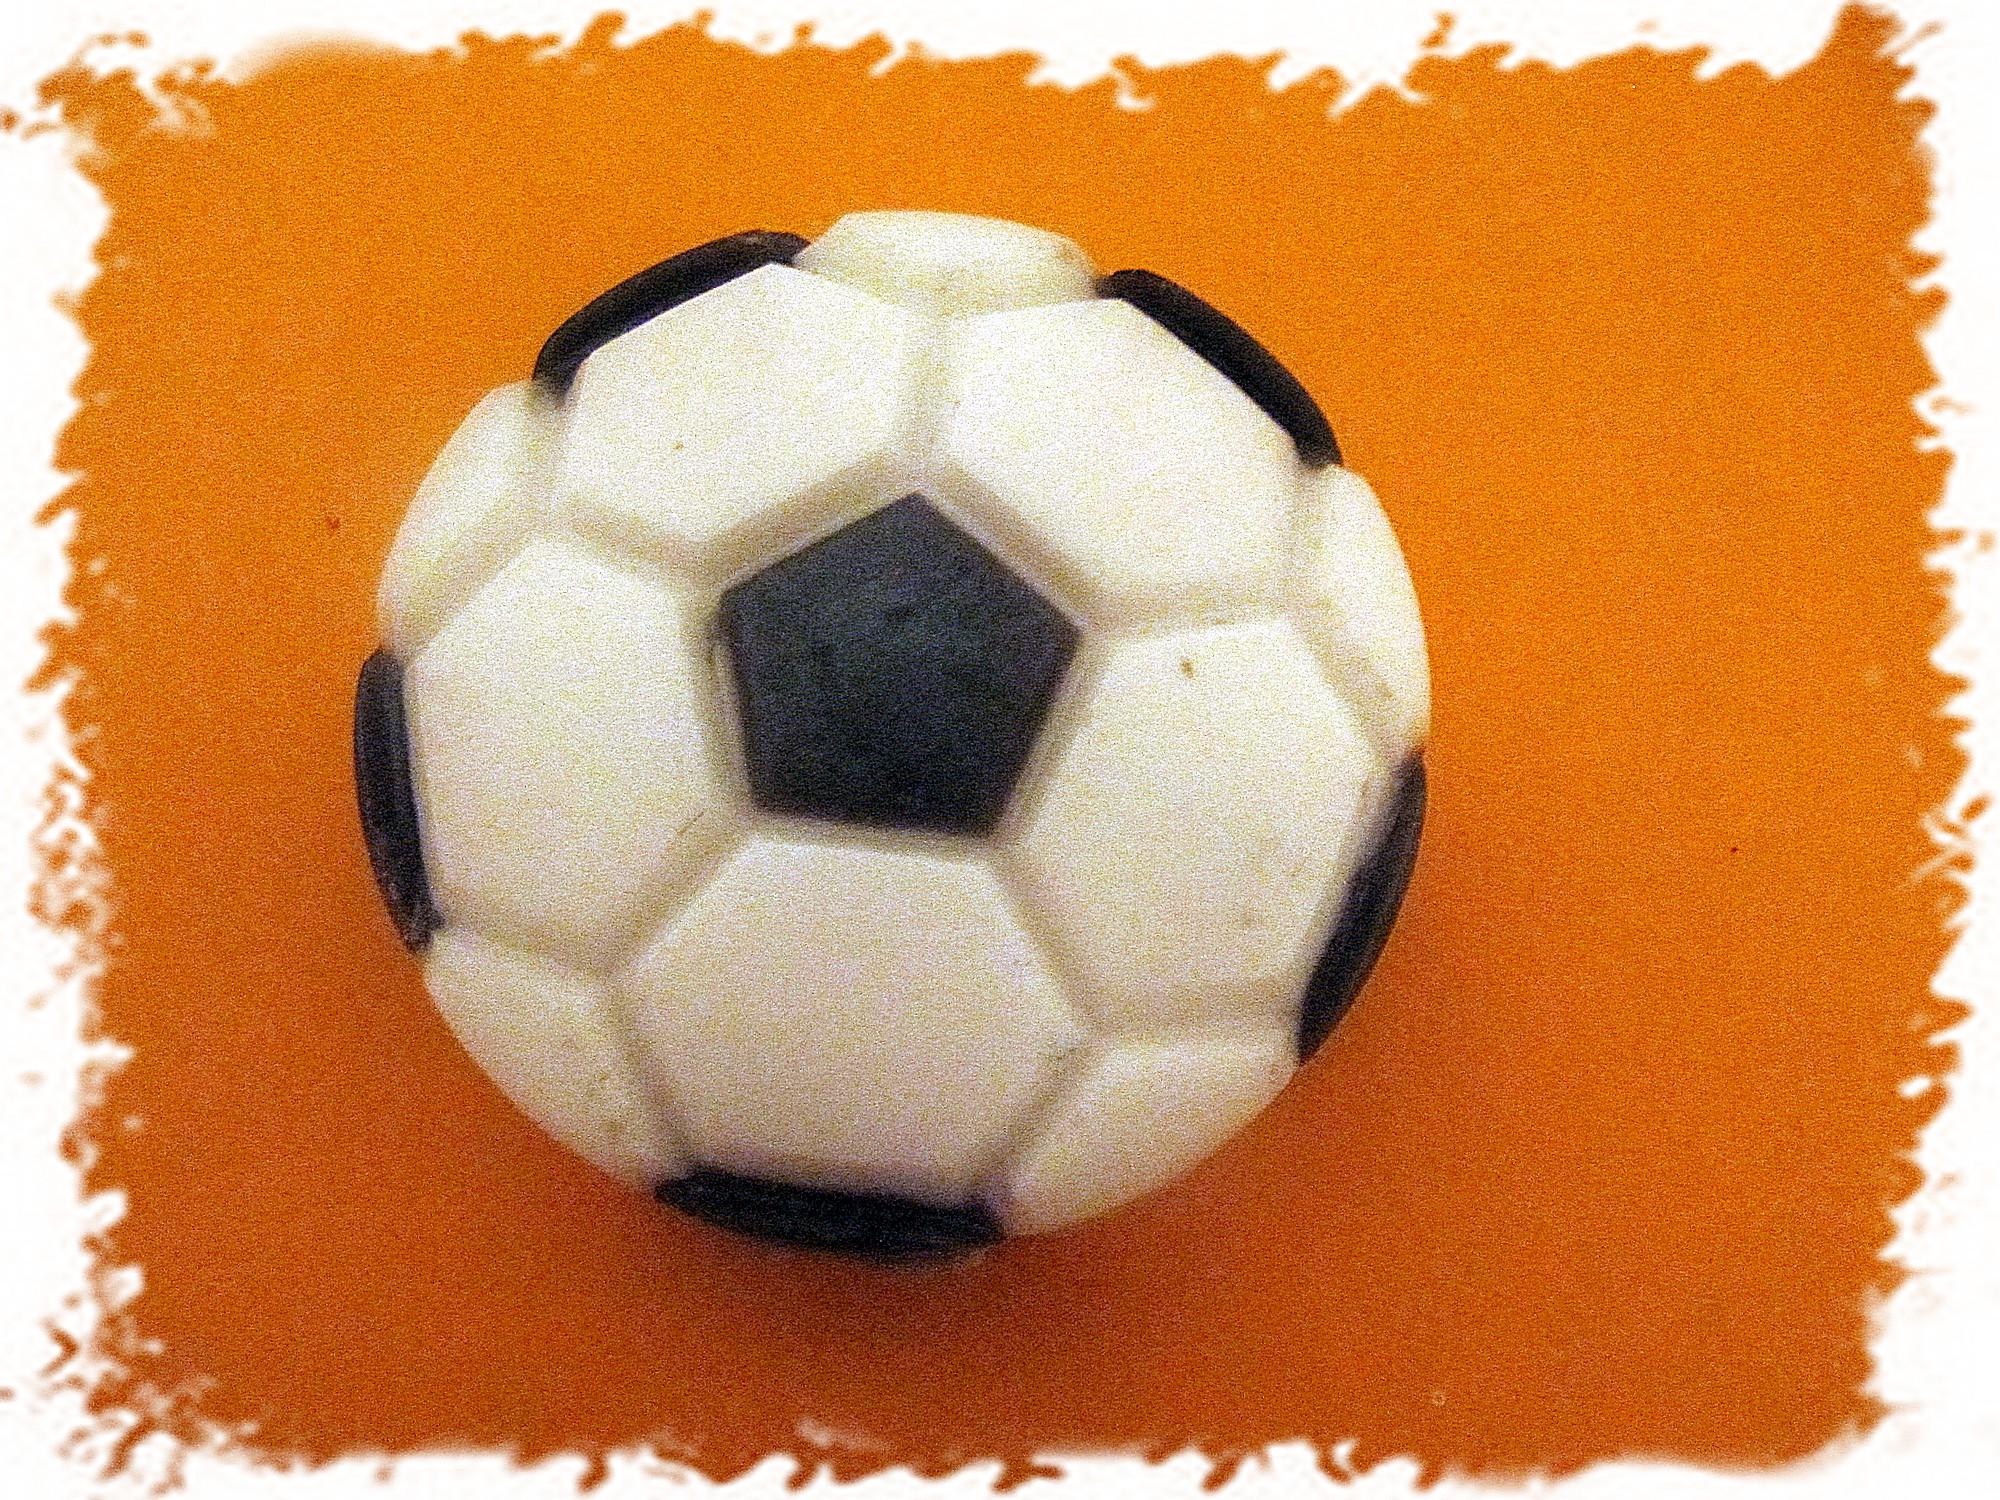 Поделки для сада: Лягушки из мячей - каталог статей на сайте - ДомСтрой